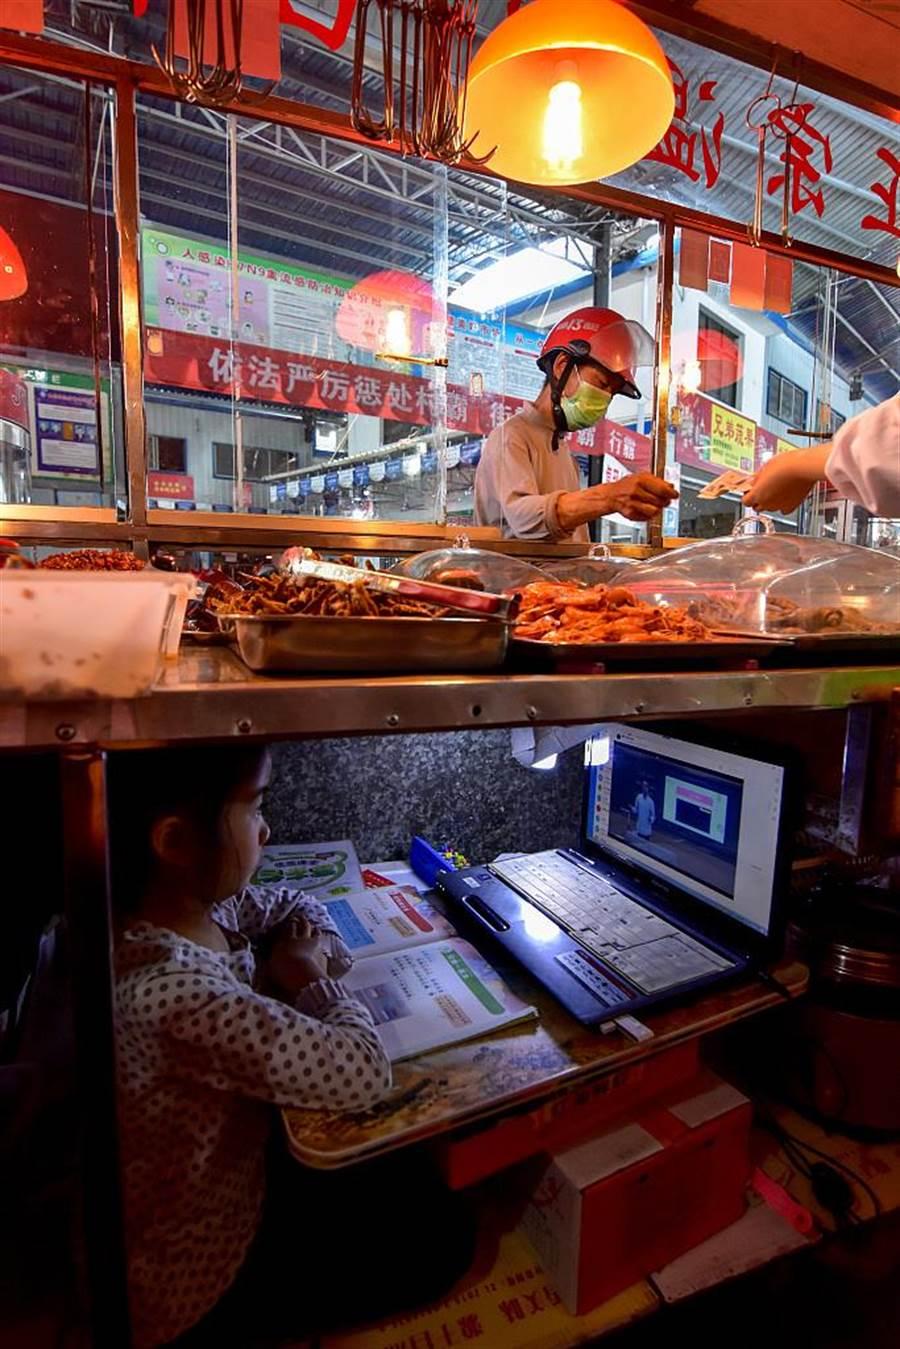 柯媽媽親自騰出攤車底下的空間,添購一台舊式筆電和檯燈,讓她能夠邊工作,邊陪著女兒上網學習。(摘自推特CGTN)